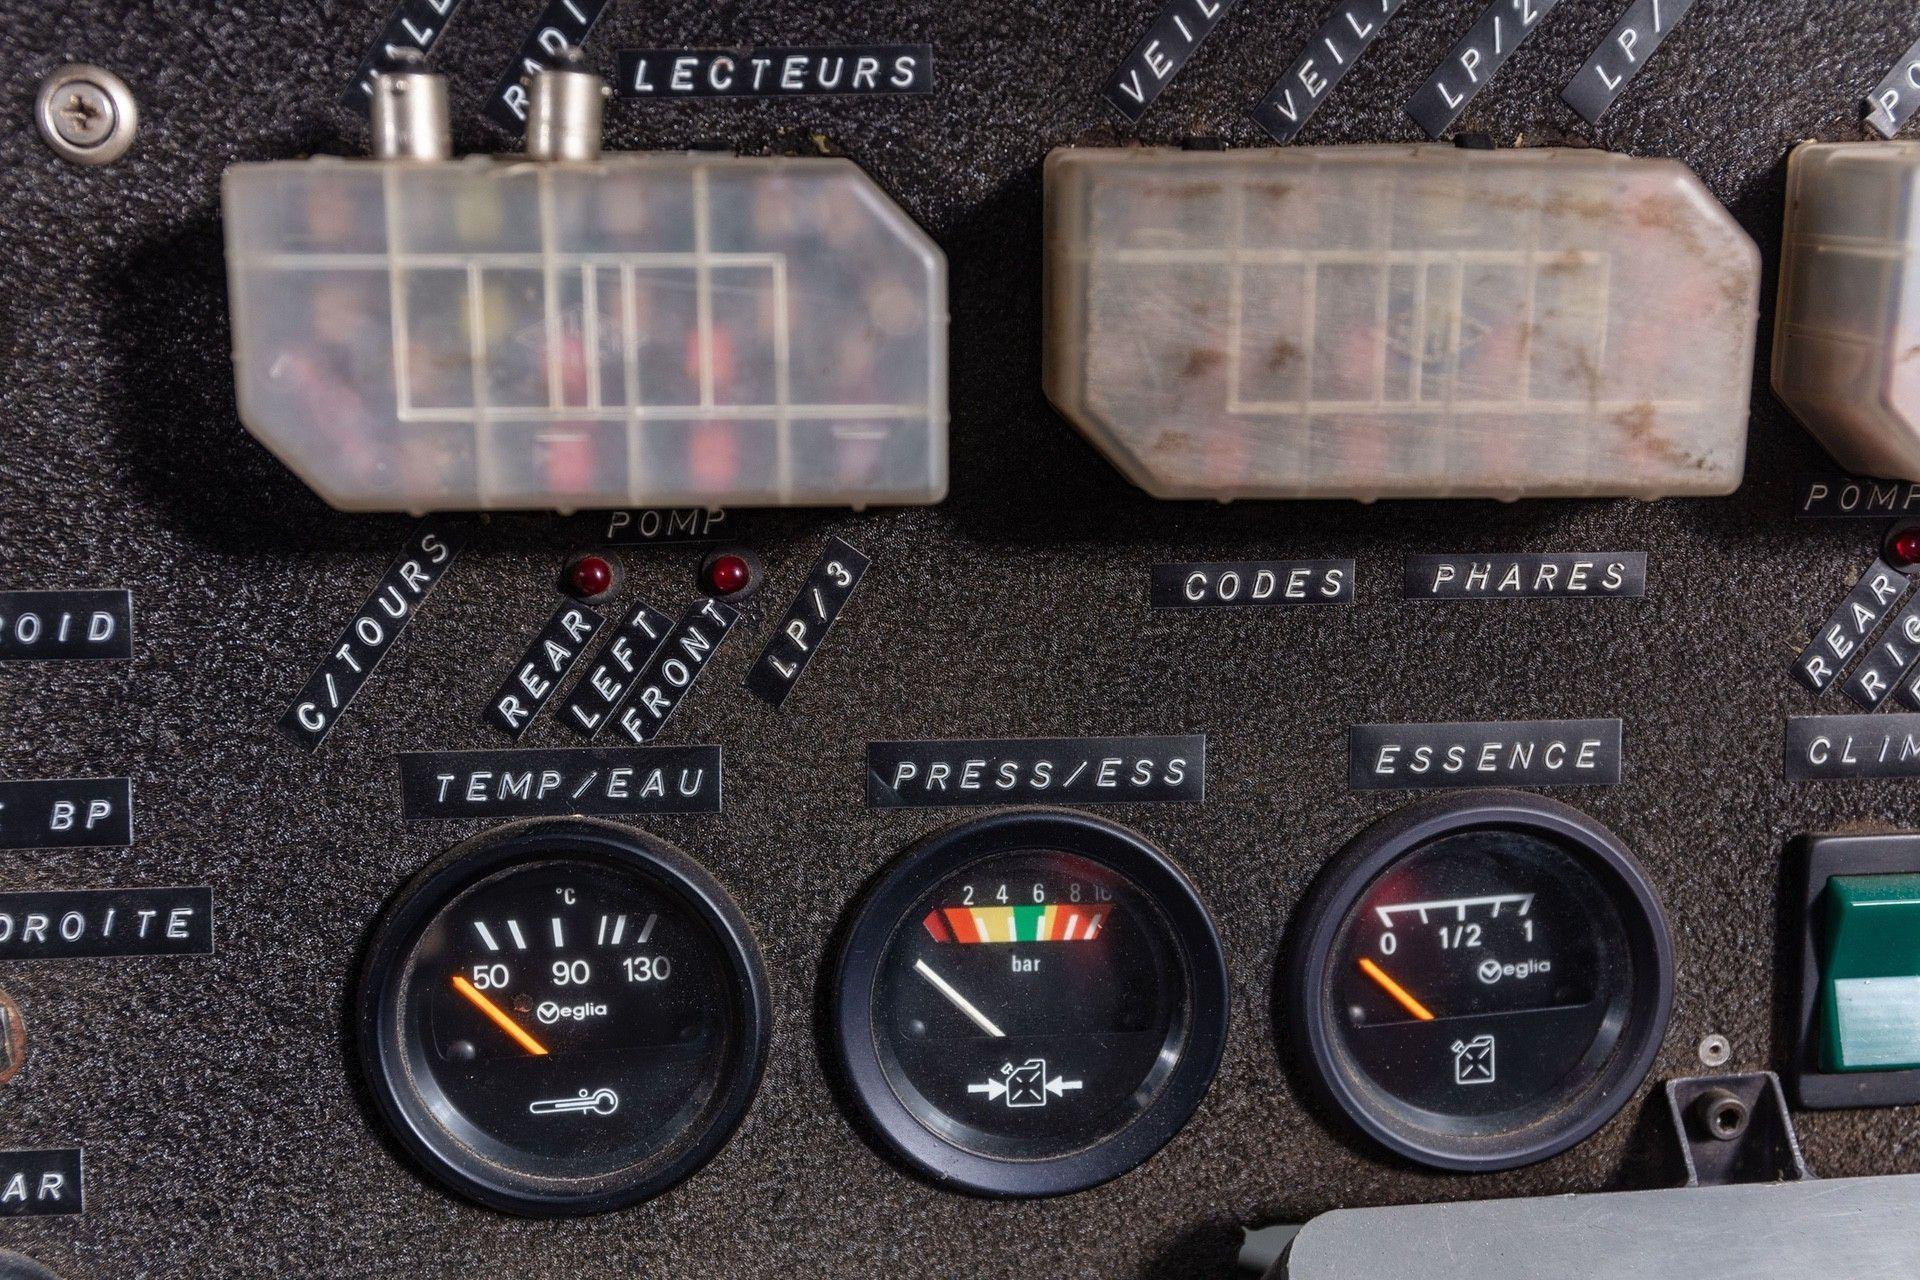 1985_Peugeot_205_Turbo_16_Evolution_2_sale-0028